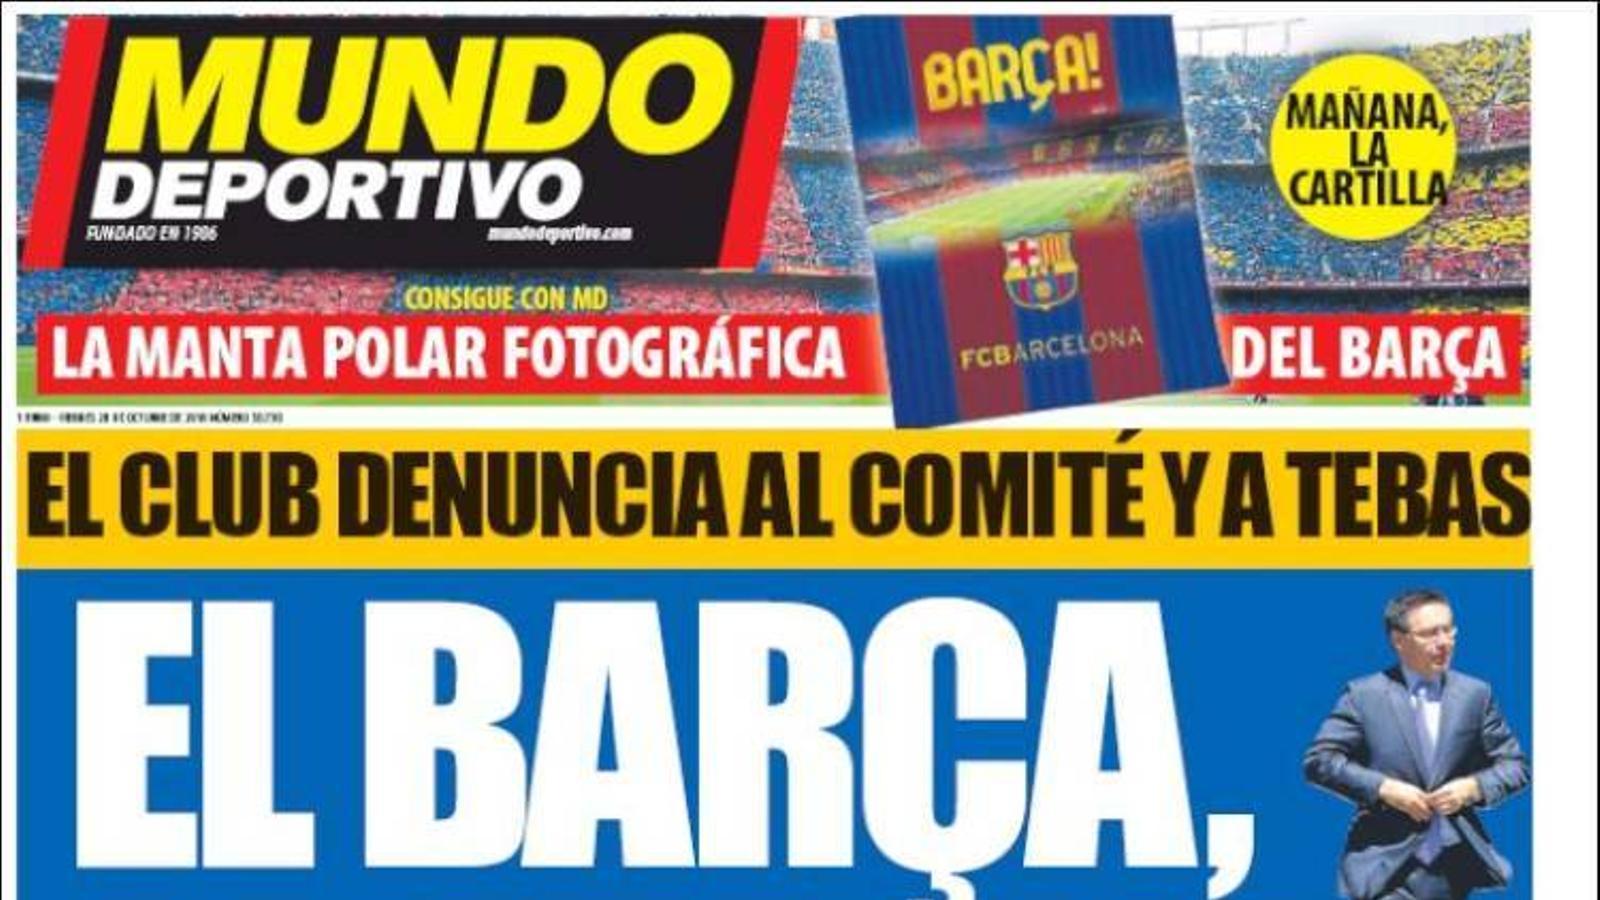 Portada 28 octubre Mundo Deportivo